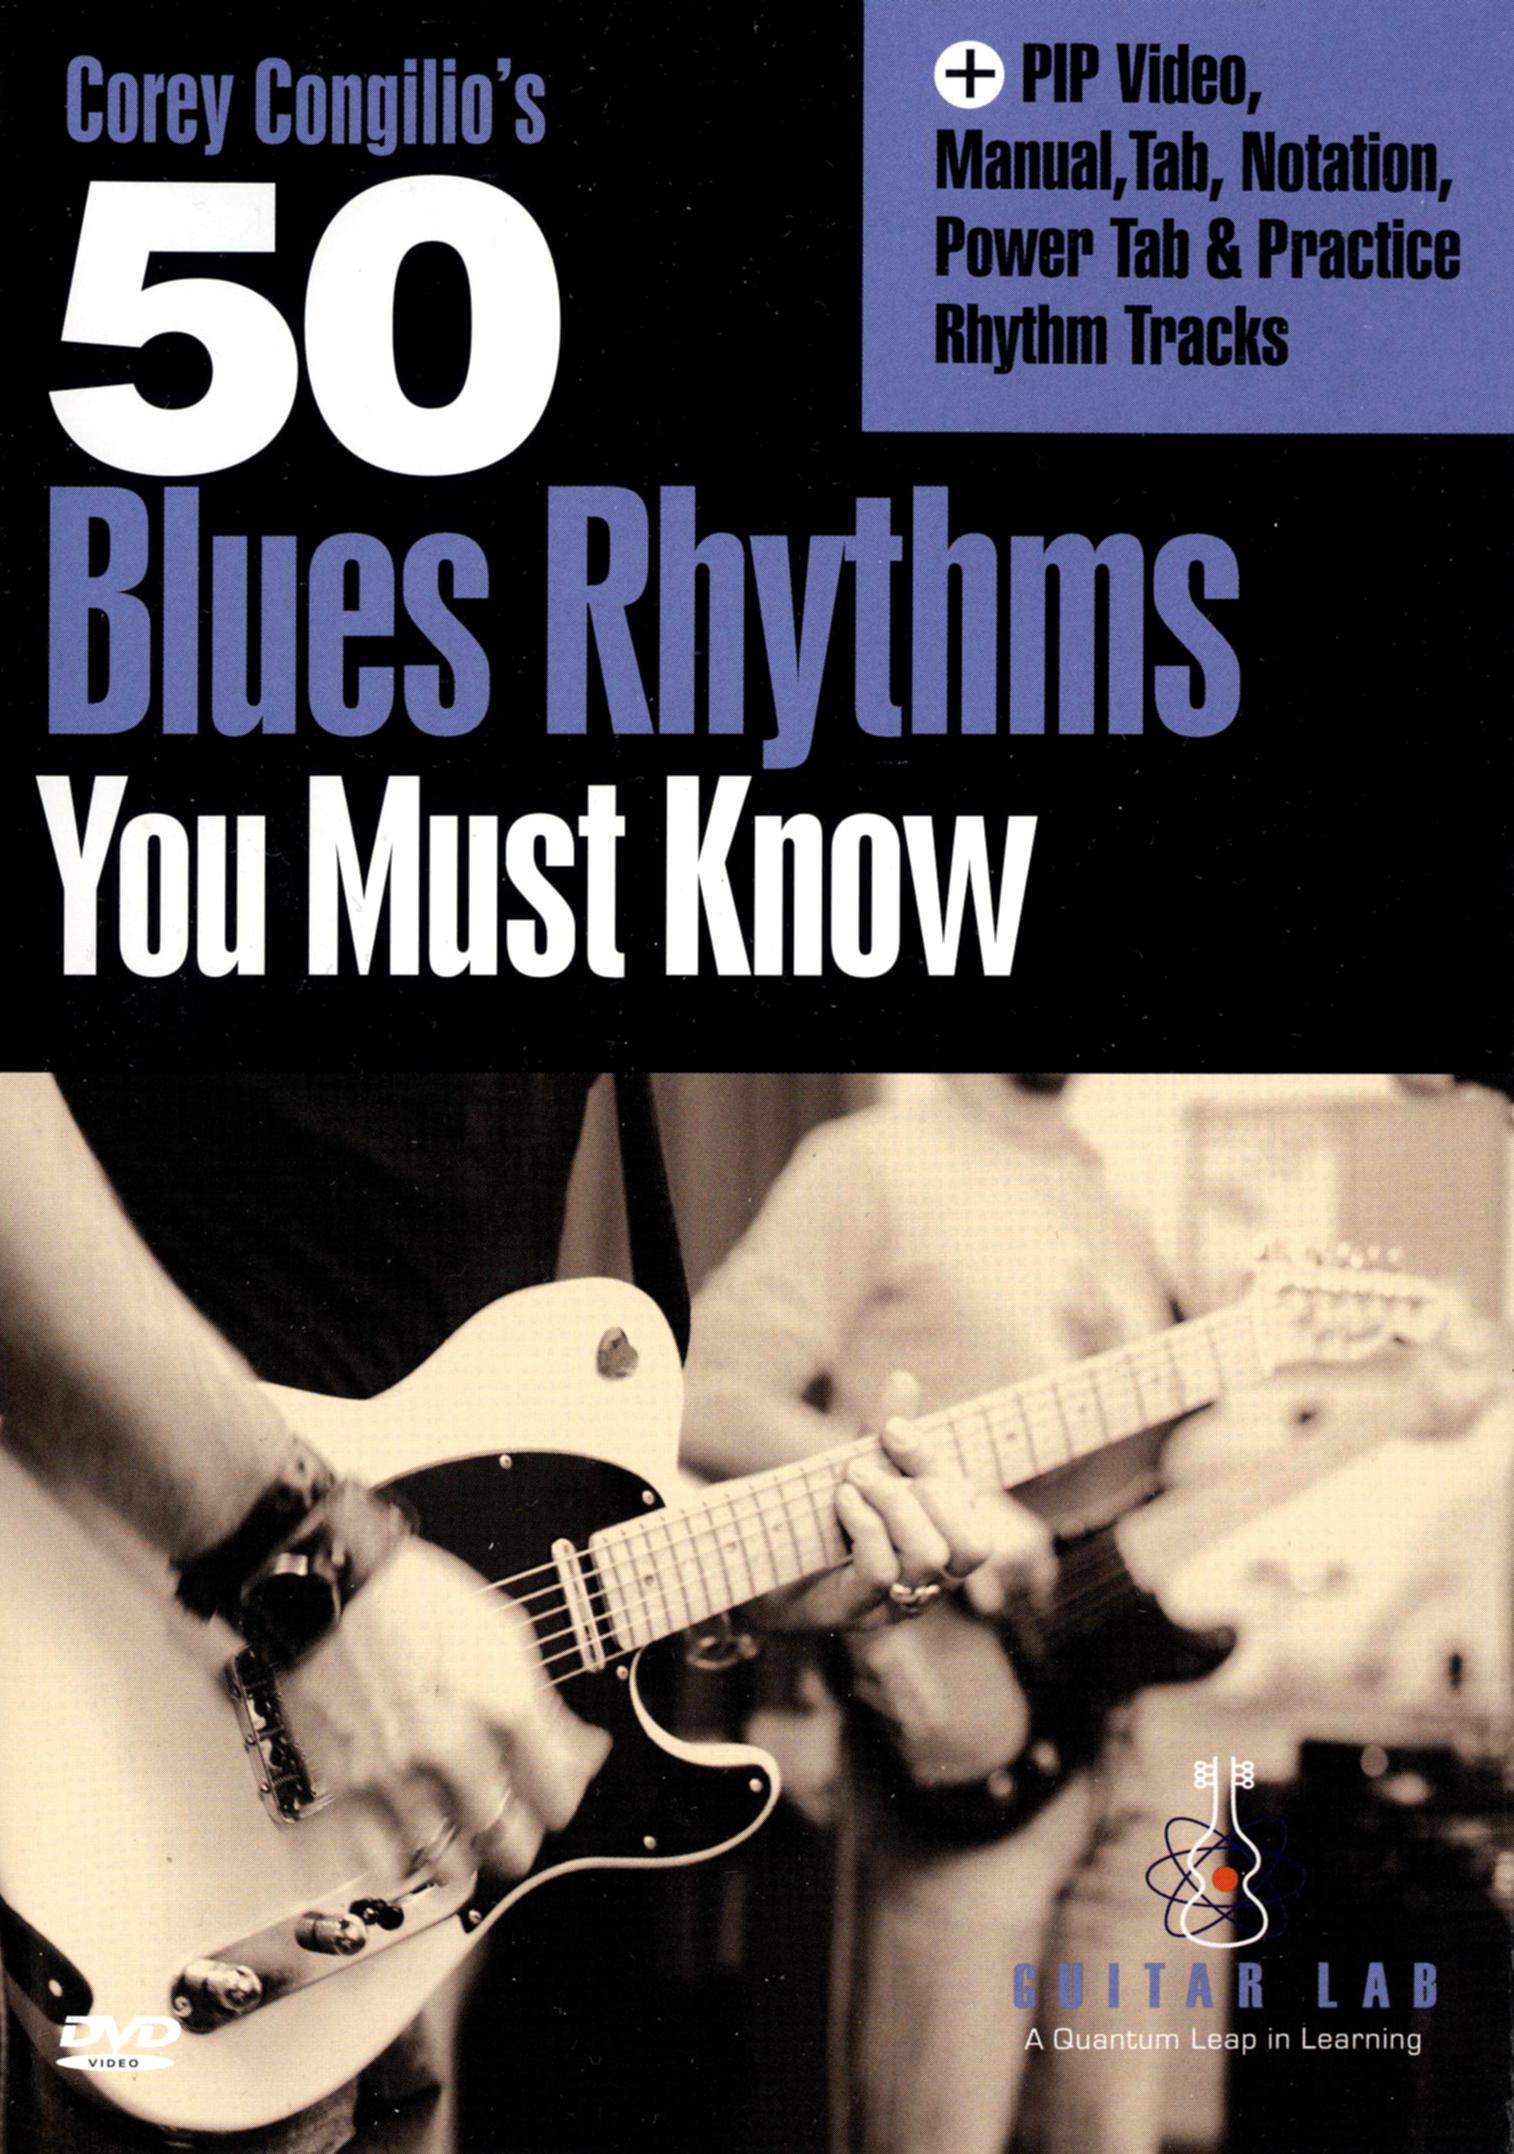 Corey Congilio's 50 Blues Rhythms You Must Know